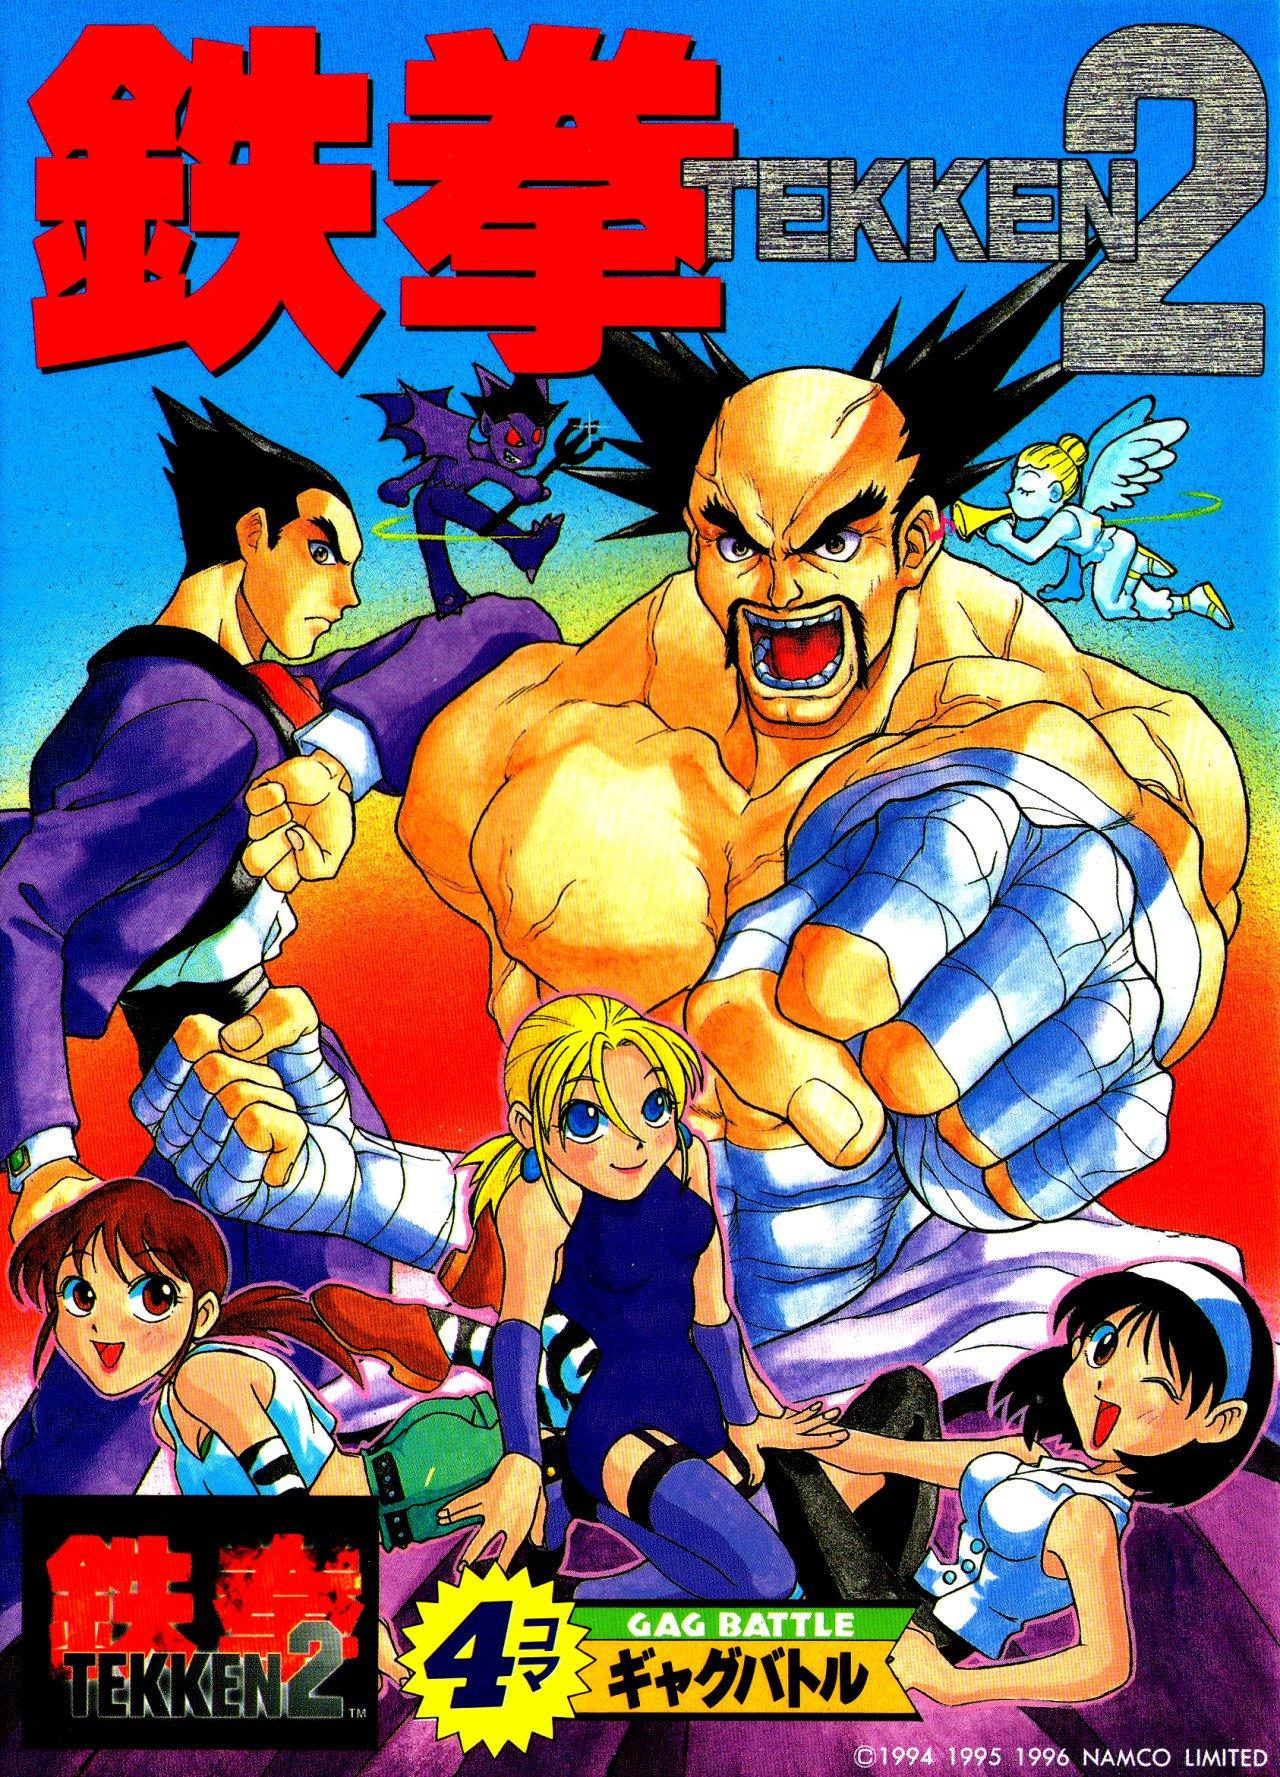 Tekken 2: 4-koma Gag Battle